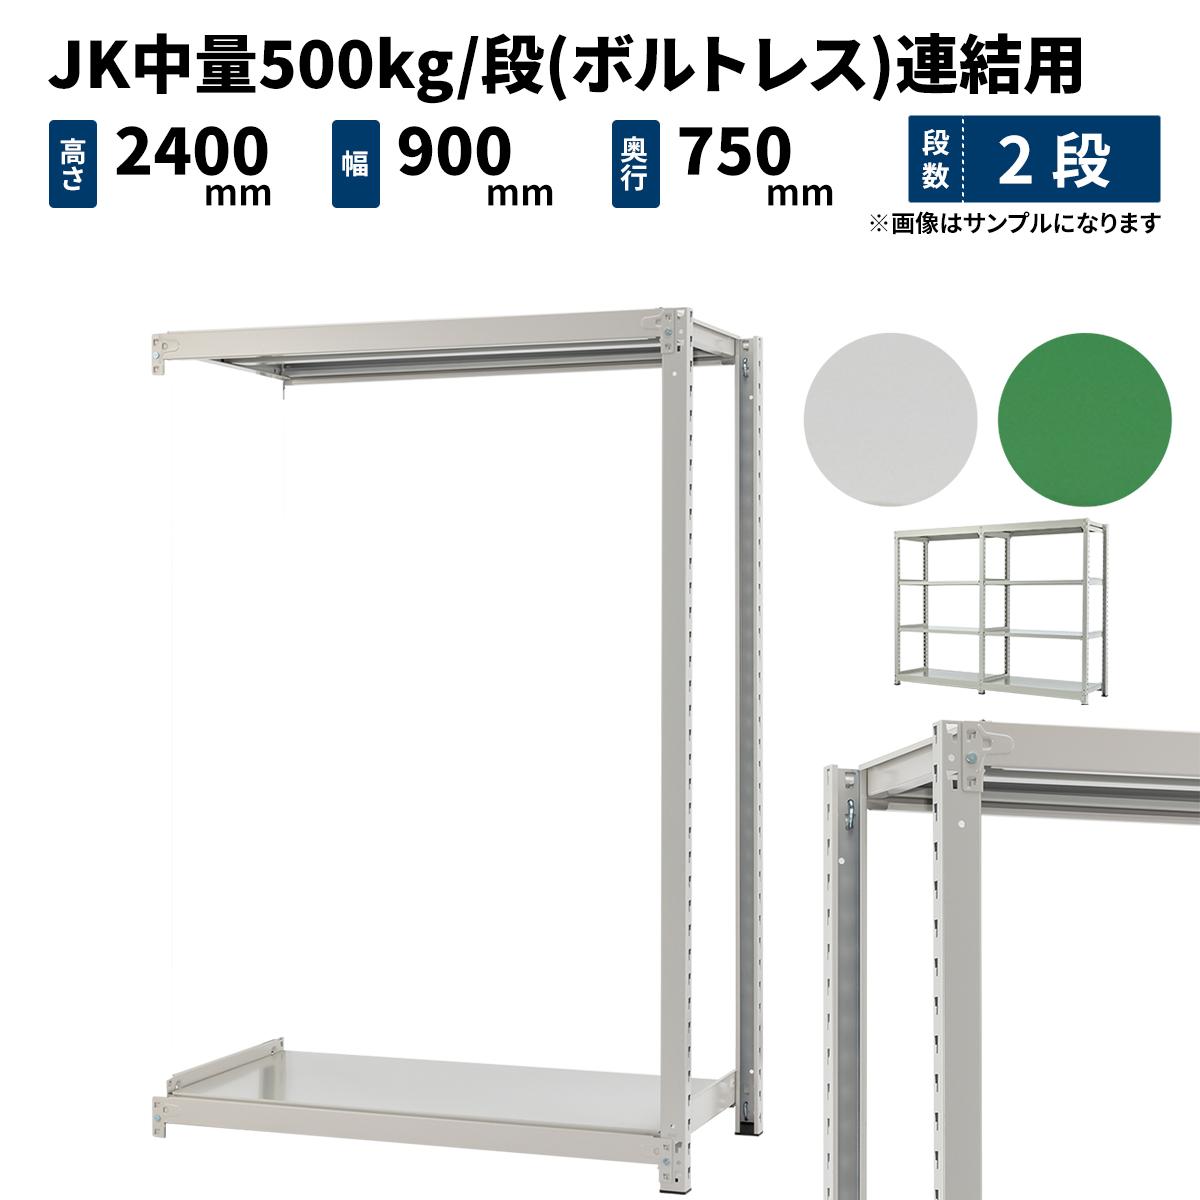 スチールラック 業務用 JK中量500kg/段(ボルトレス) 連結形式 高さ2400×幅900×奥行750mm 2段 ホワイトグレー/グリーン (40kg) JK500_R-240975-2